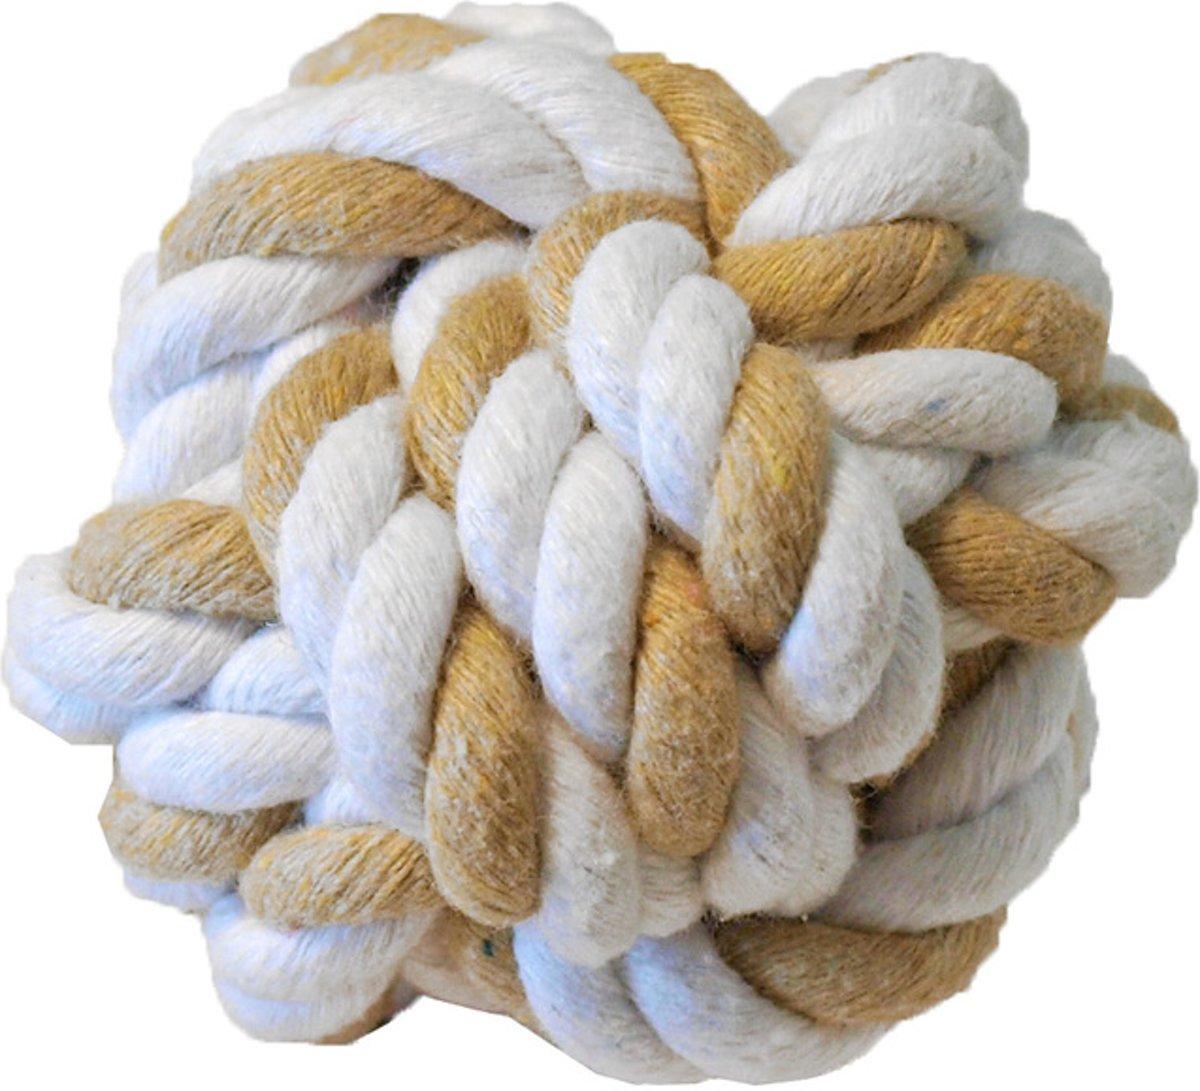 Katoenen touwbal voor knaagdieren 7,5 cm